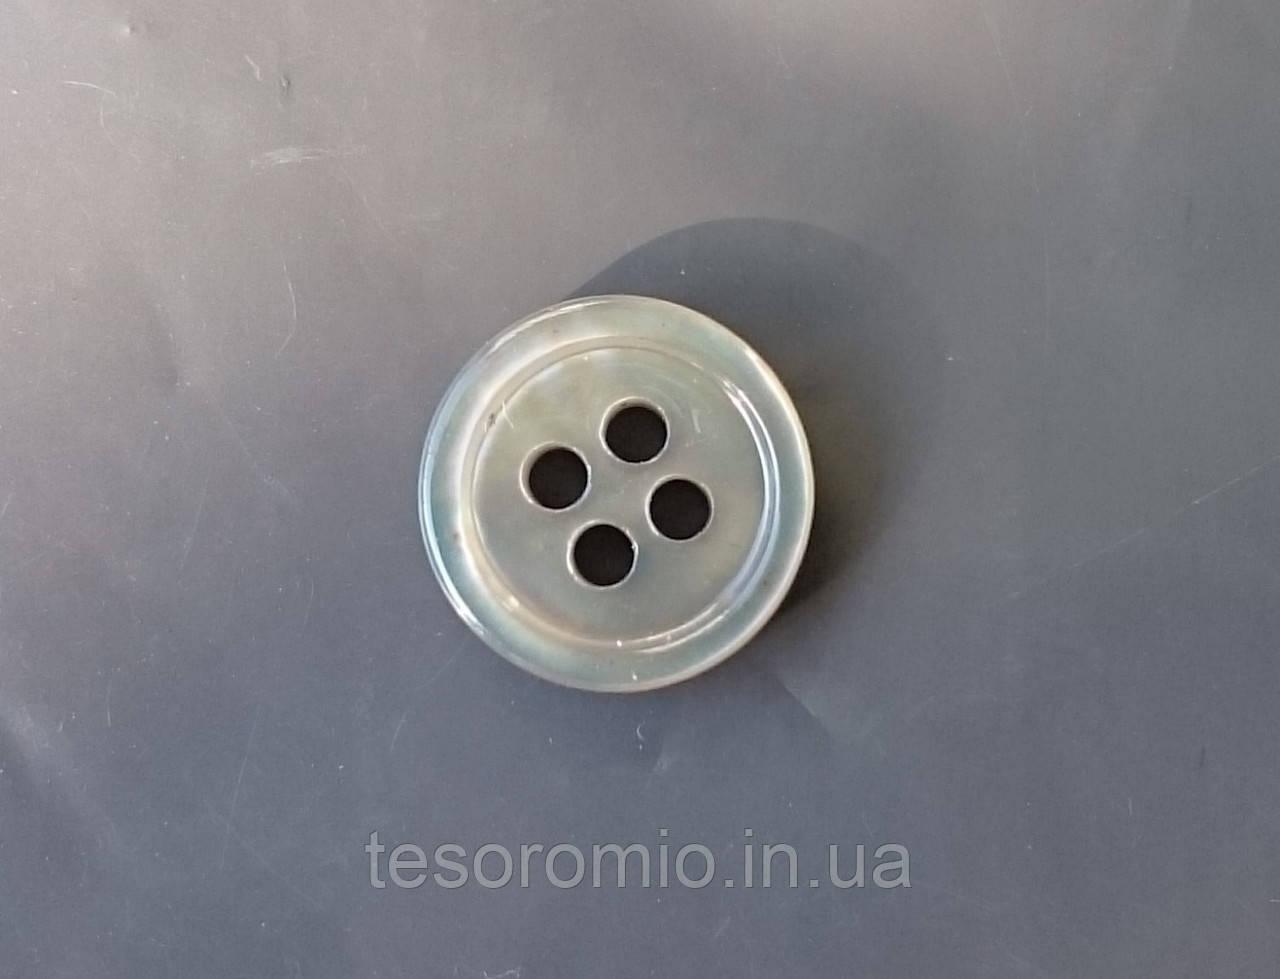 Пуговица рубашечная перламутровая серая, 11 мм диаметр